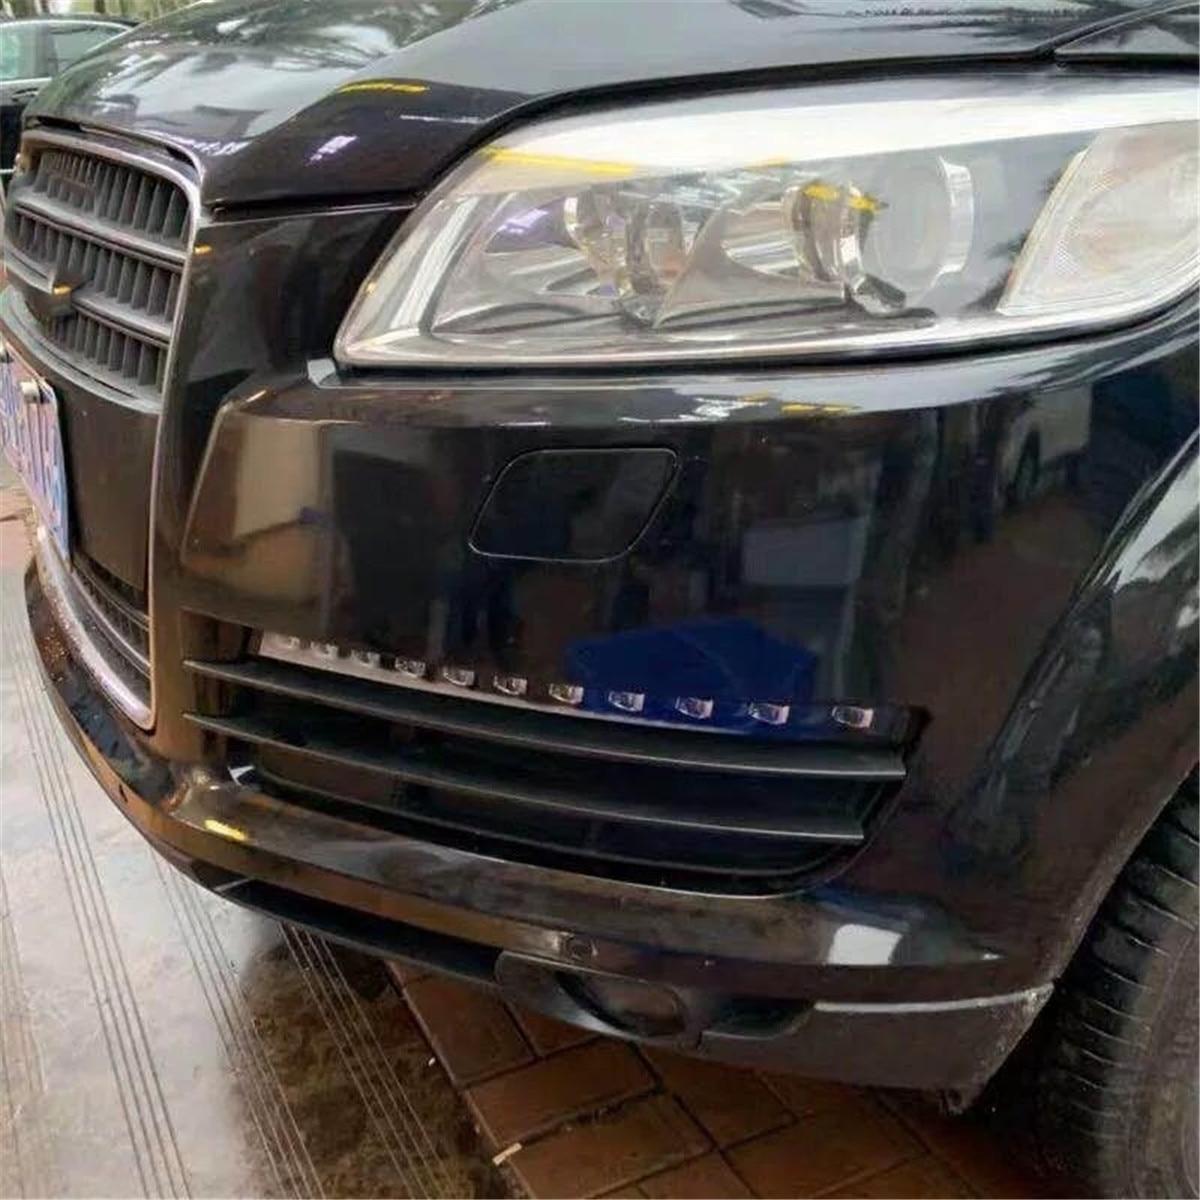 Clignotant LED de pare chocs avant pour Audi Q7 2006 2009 phare antibrouillard feux diurnes Drl clignotant accessoires de phares - 6